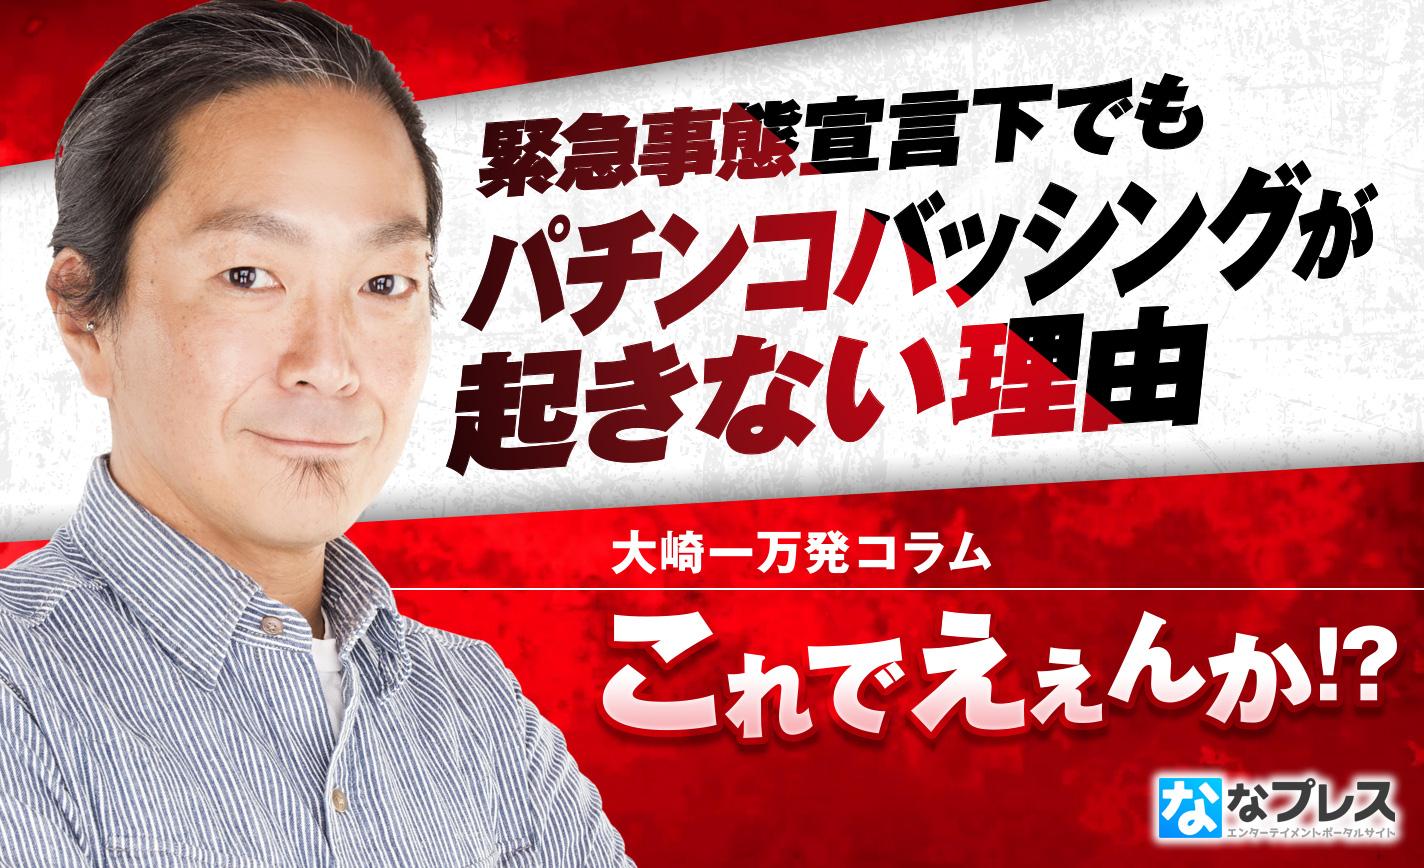 大崎一万発が緊急事態宣言下でもパチンコバッシングが起きていない現状を考察! eyecatch-image